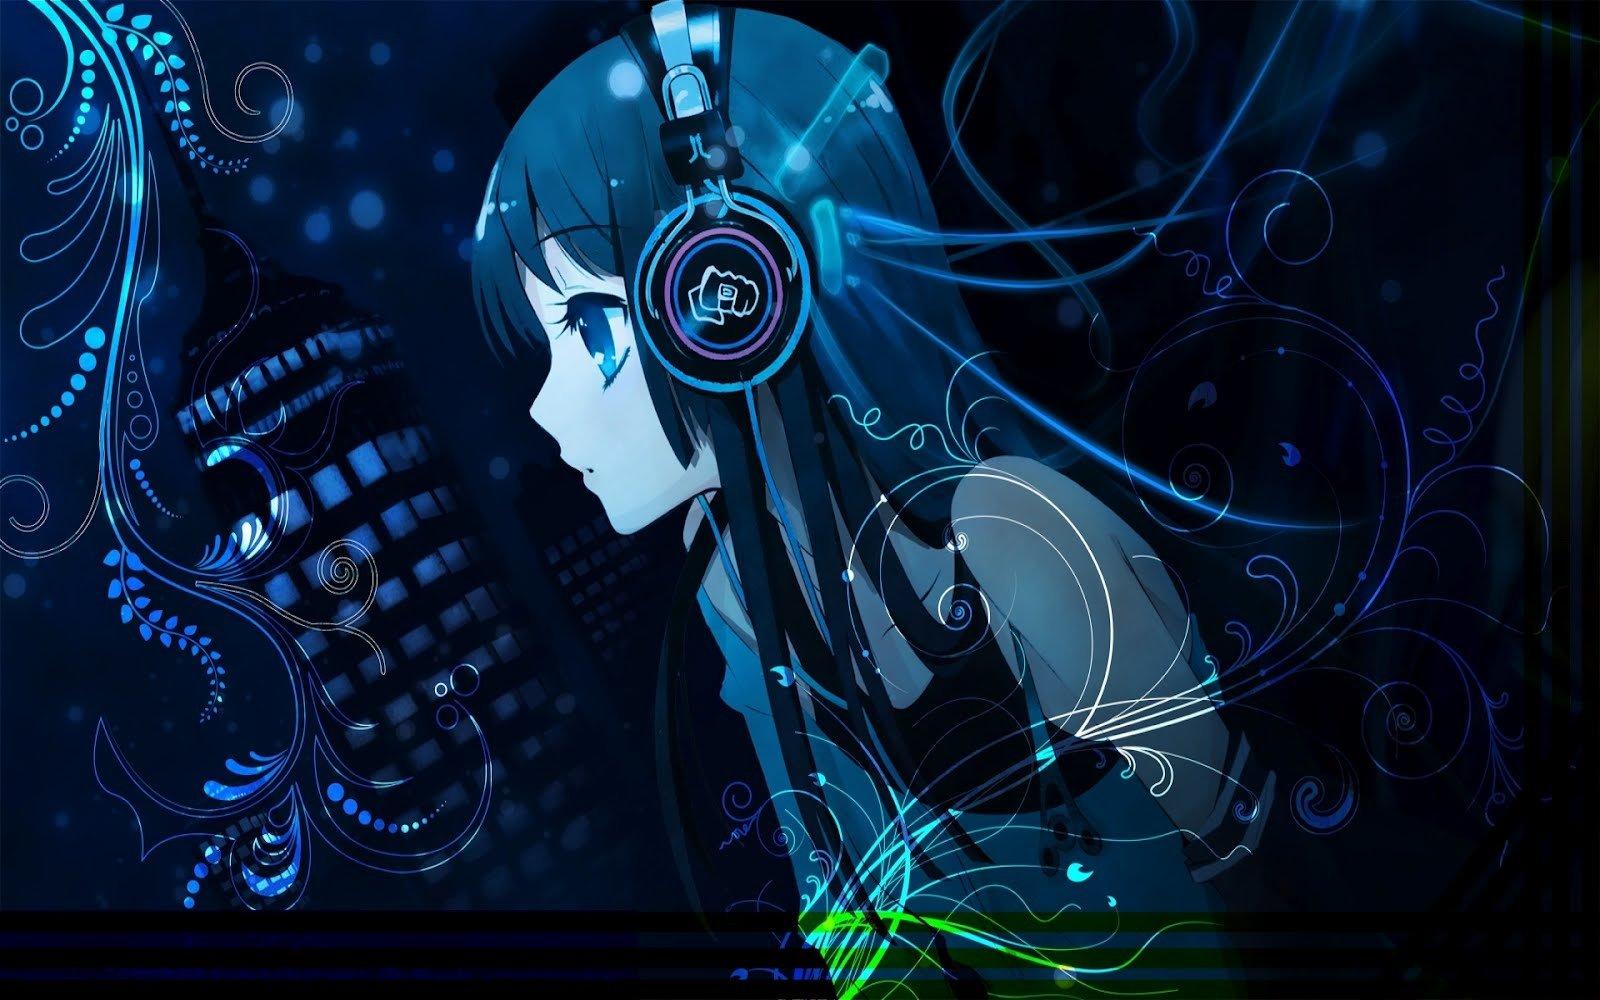 Headphones Computer Wallpapers, Desktop Backgrounds